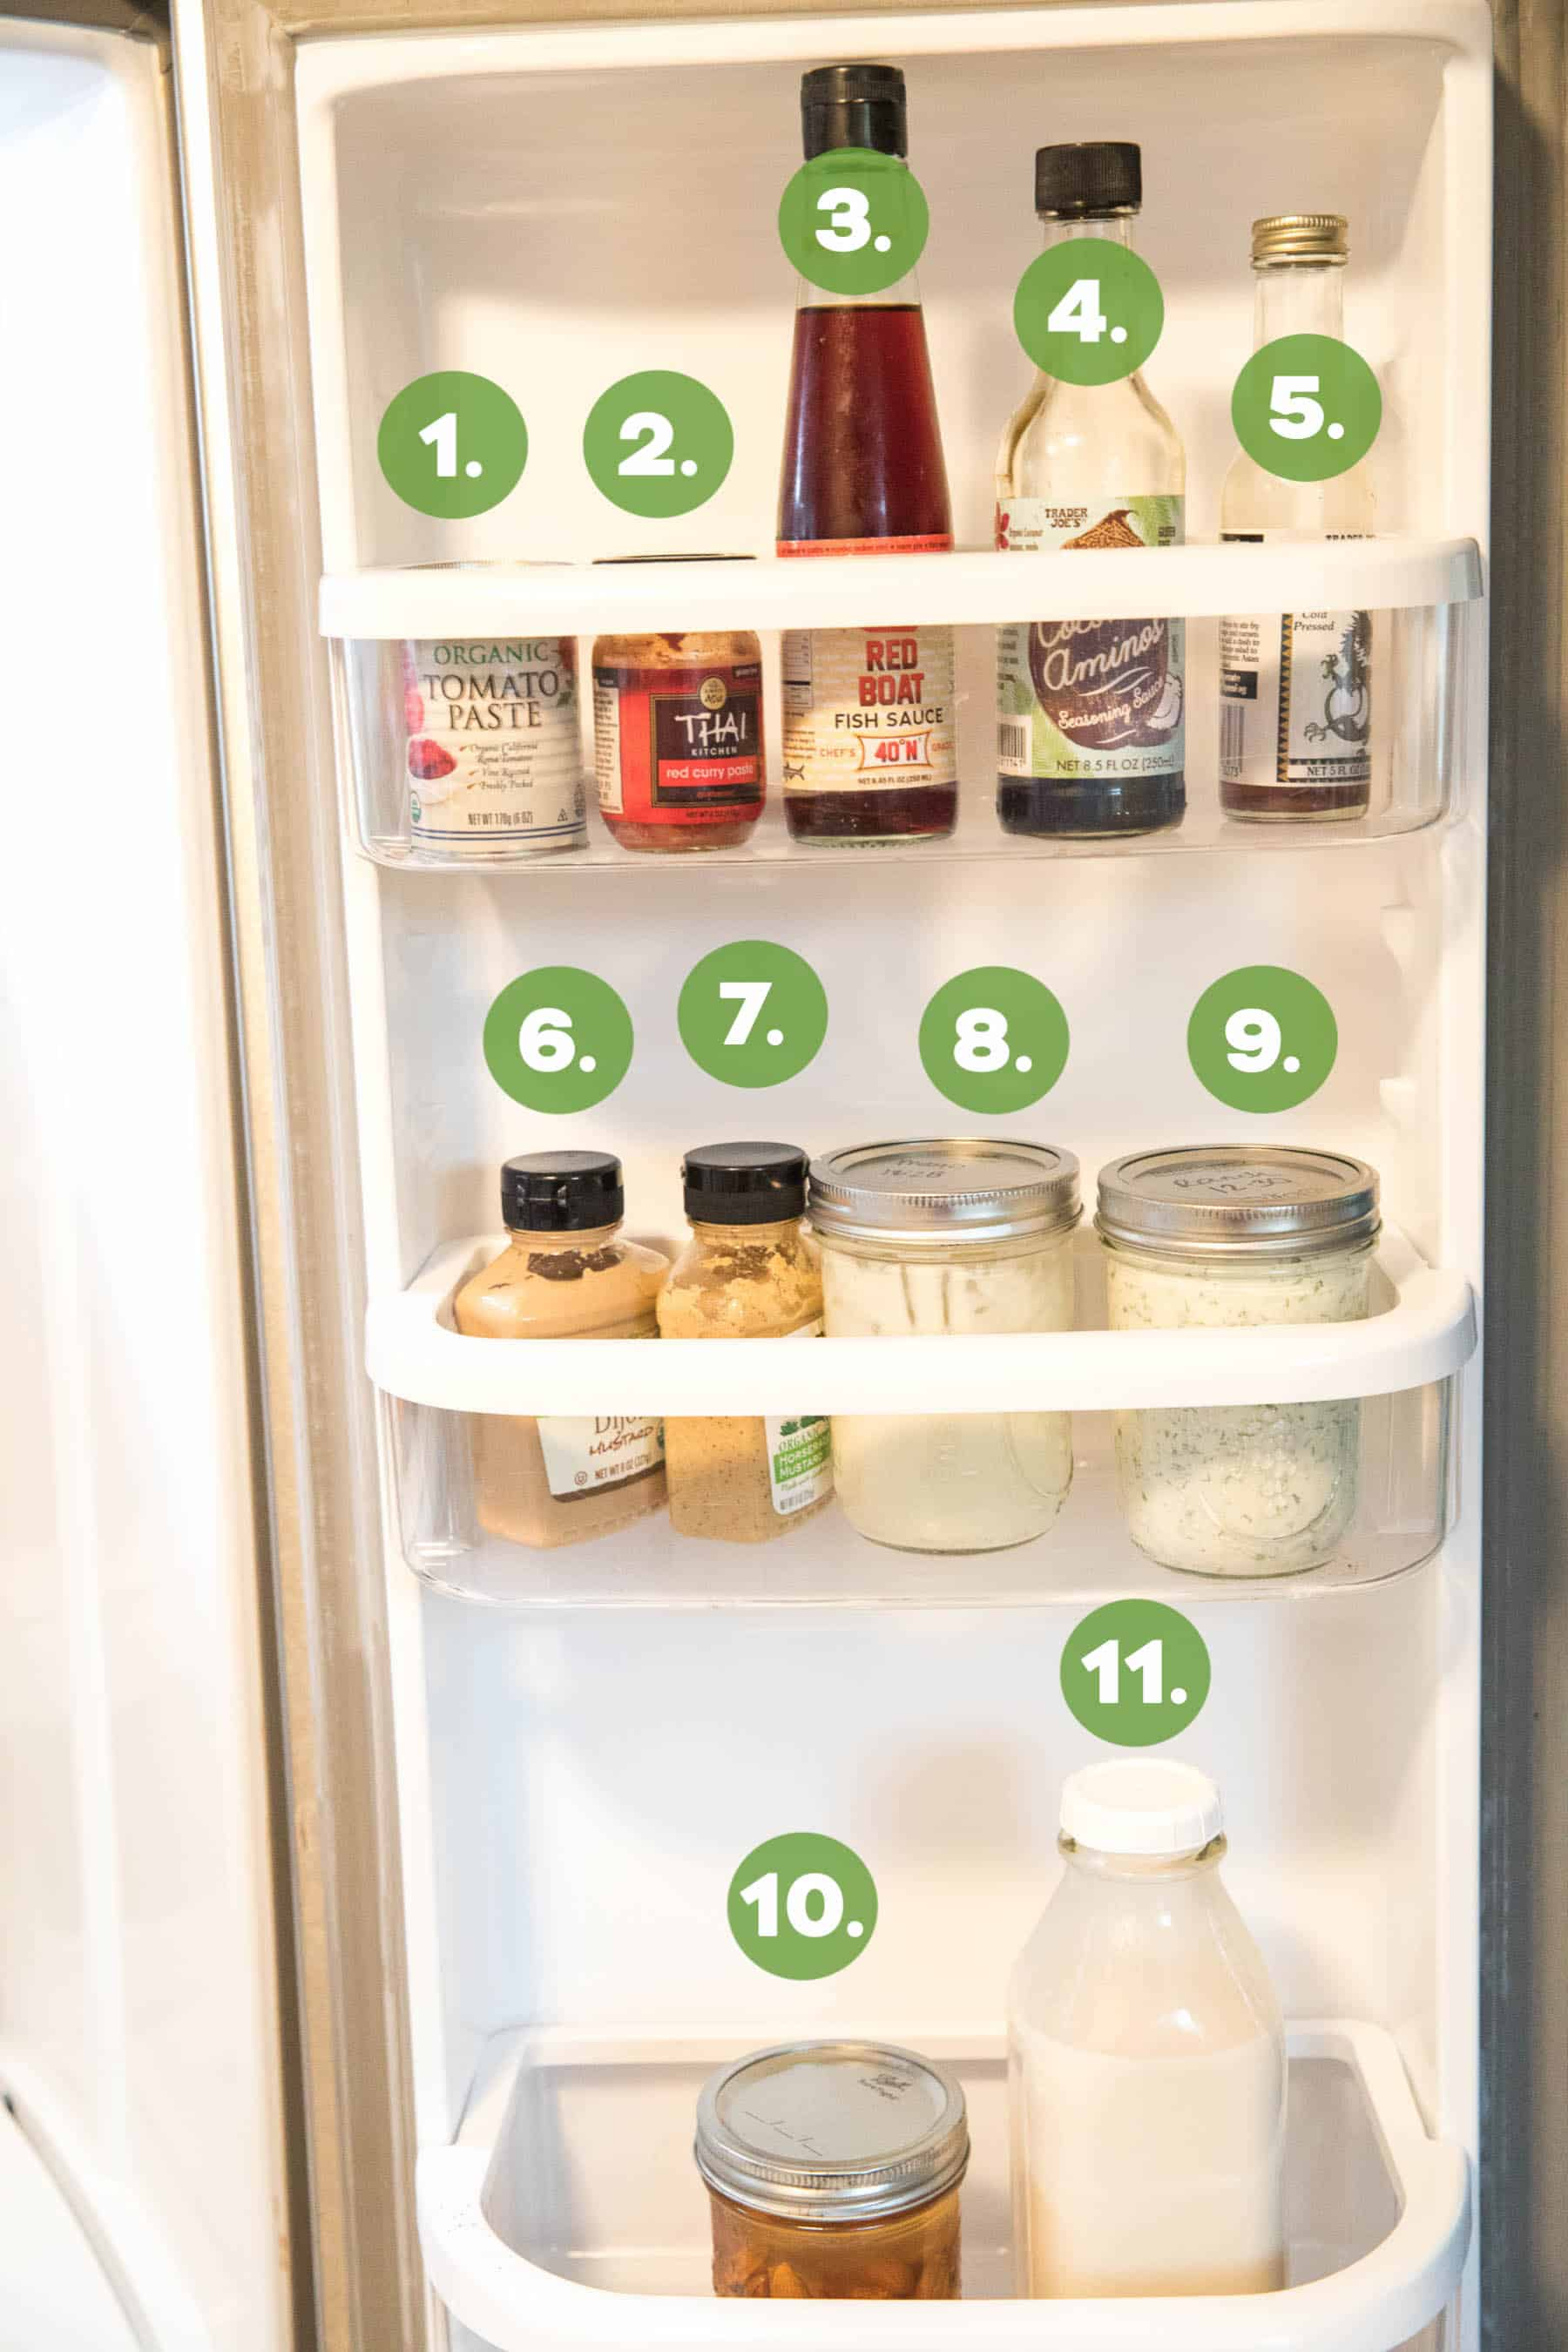 whole30 stocked fridge